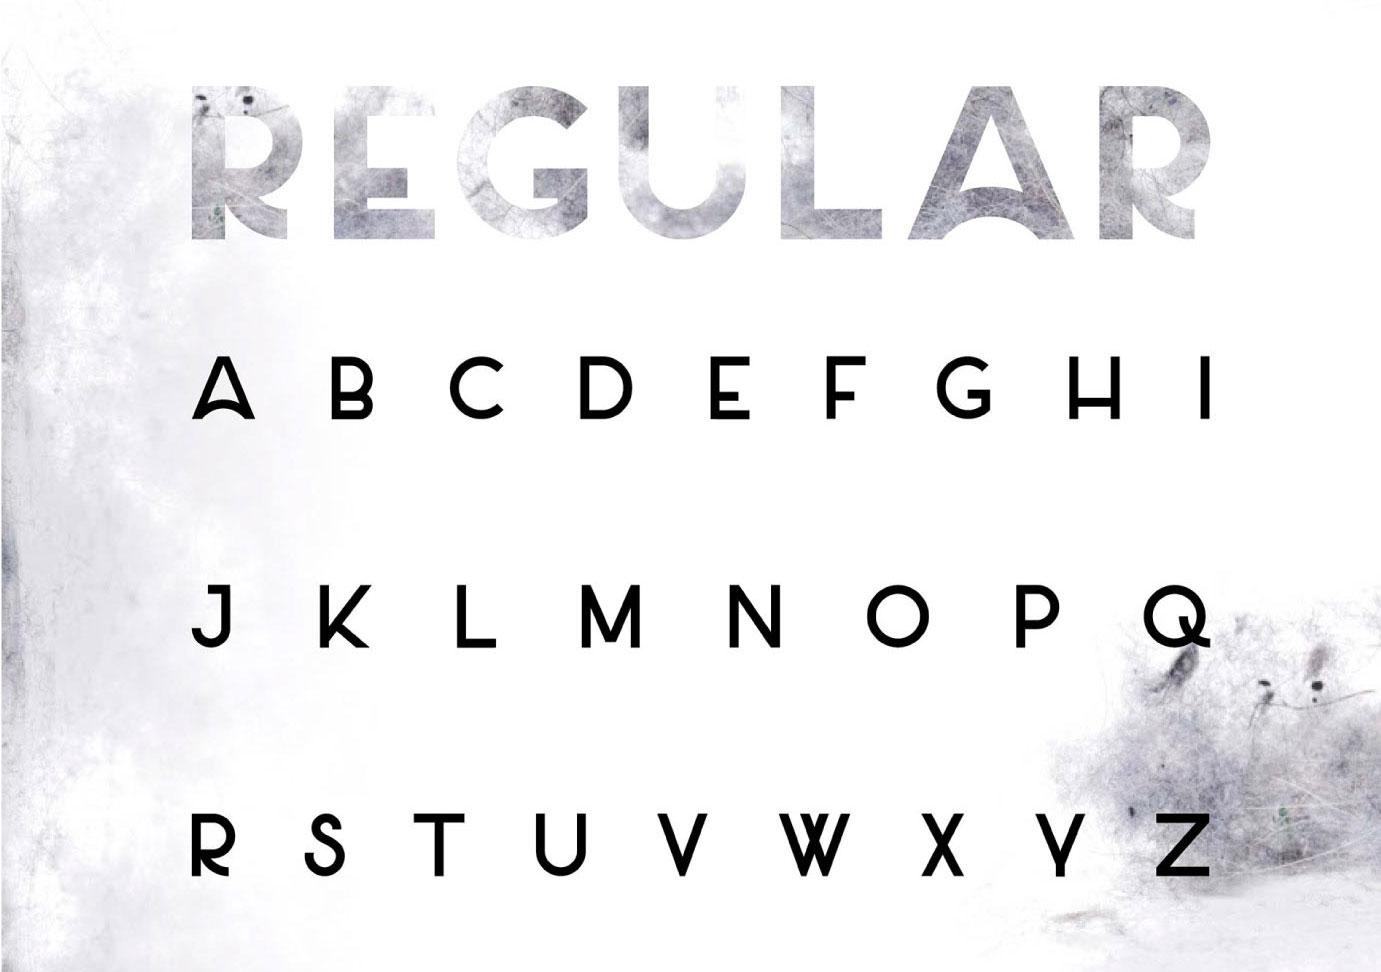 free fonts: salt